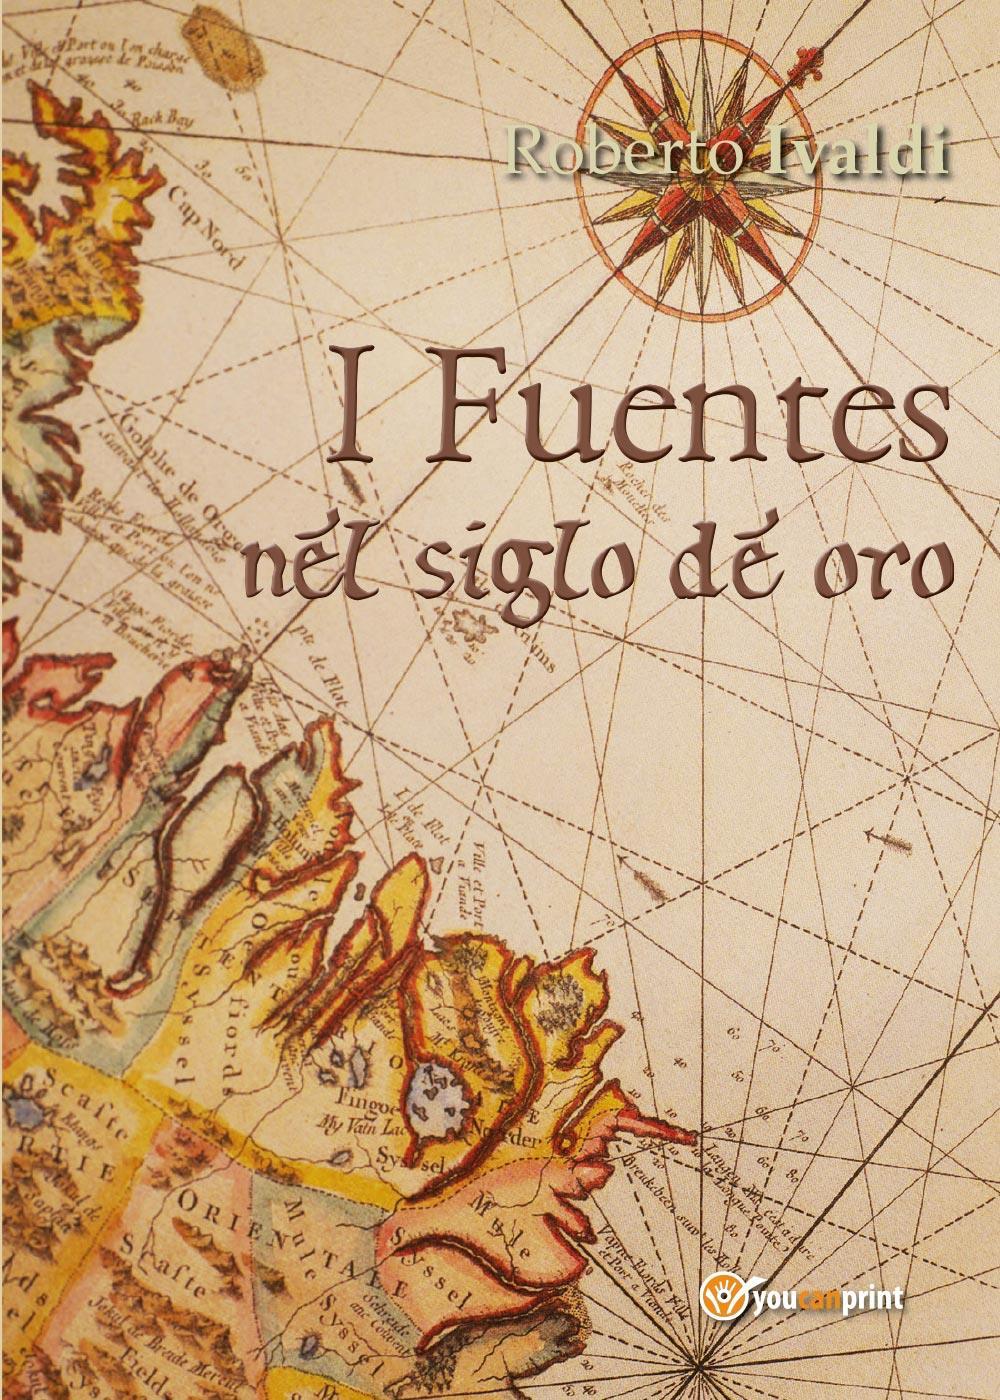 I Fuentes nel siglo de oro